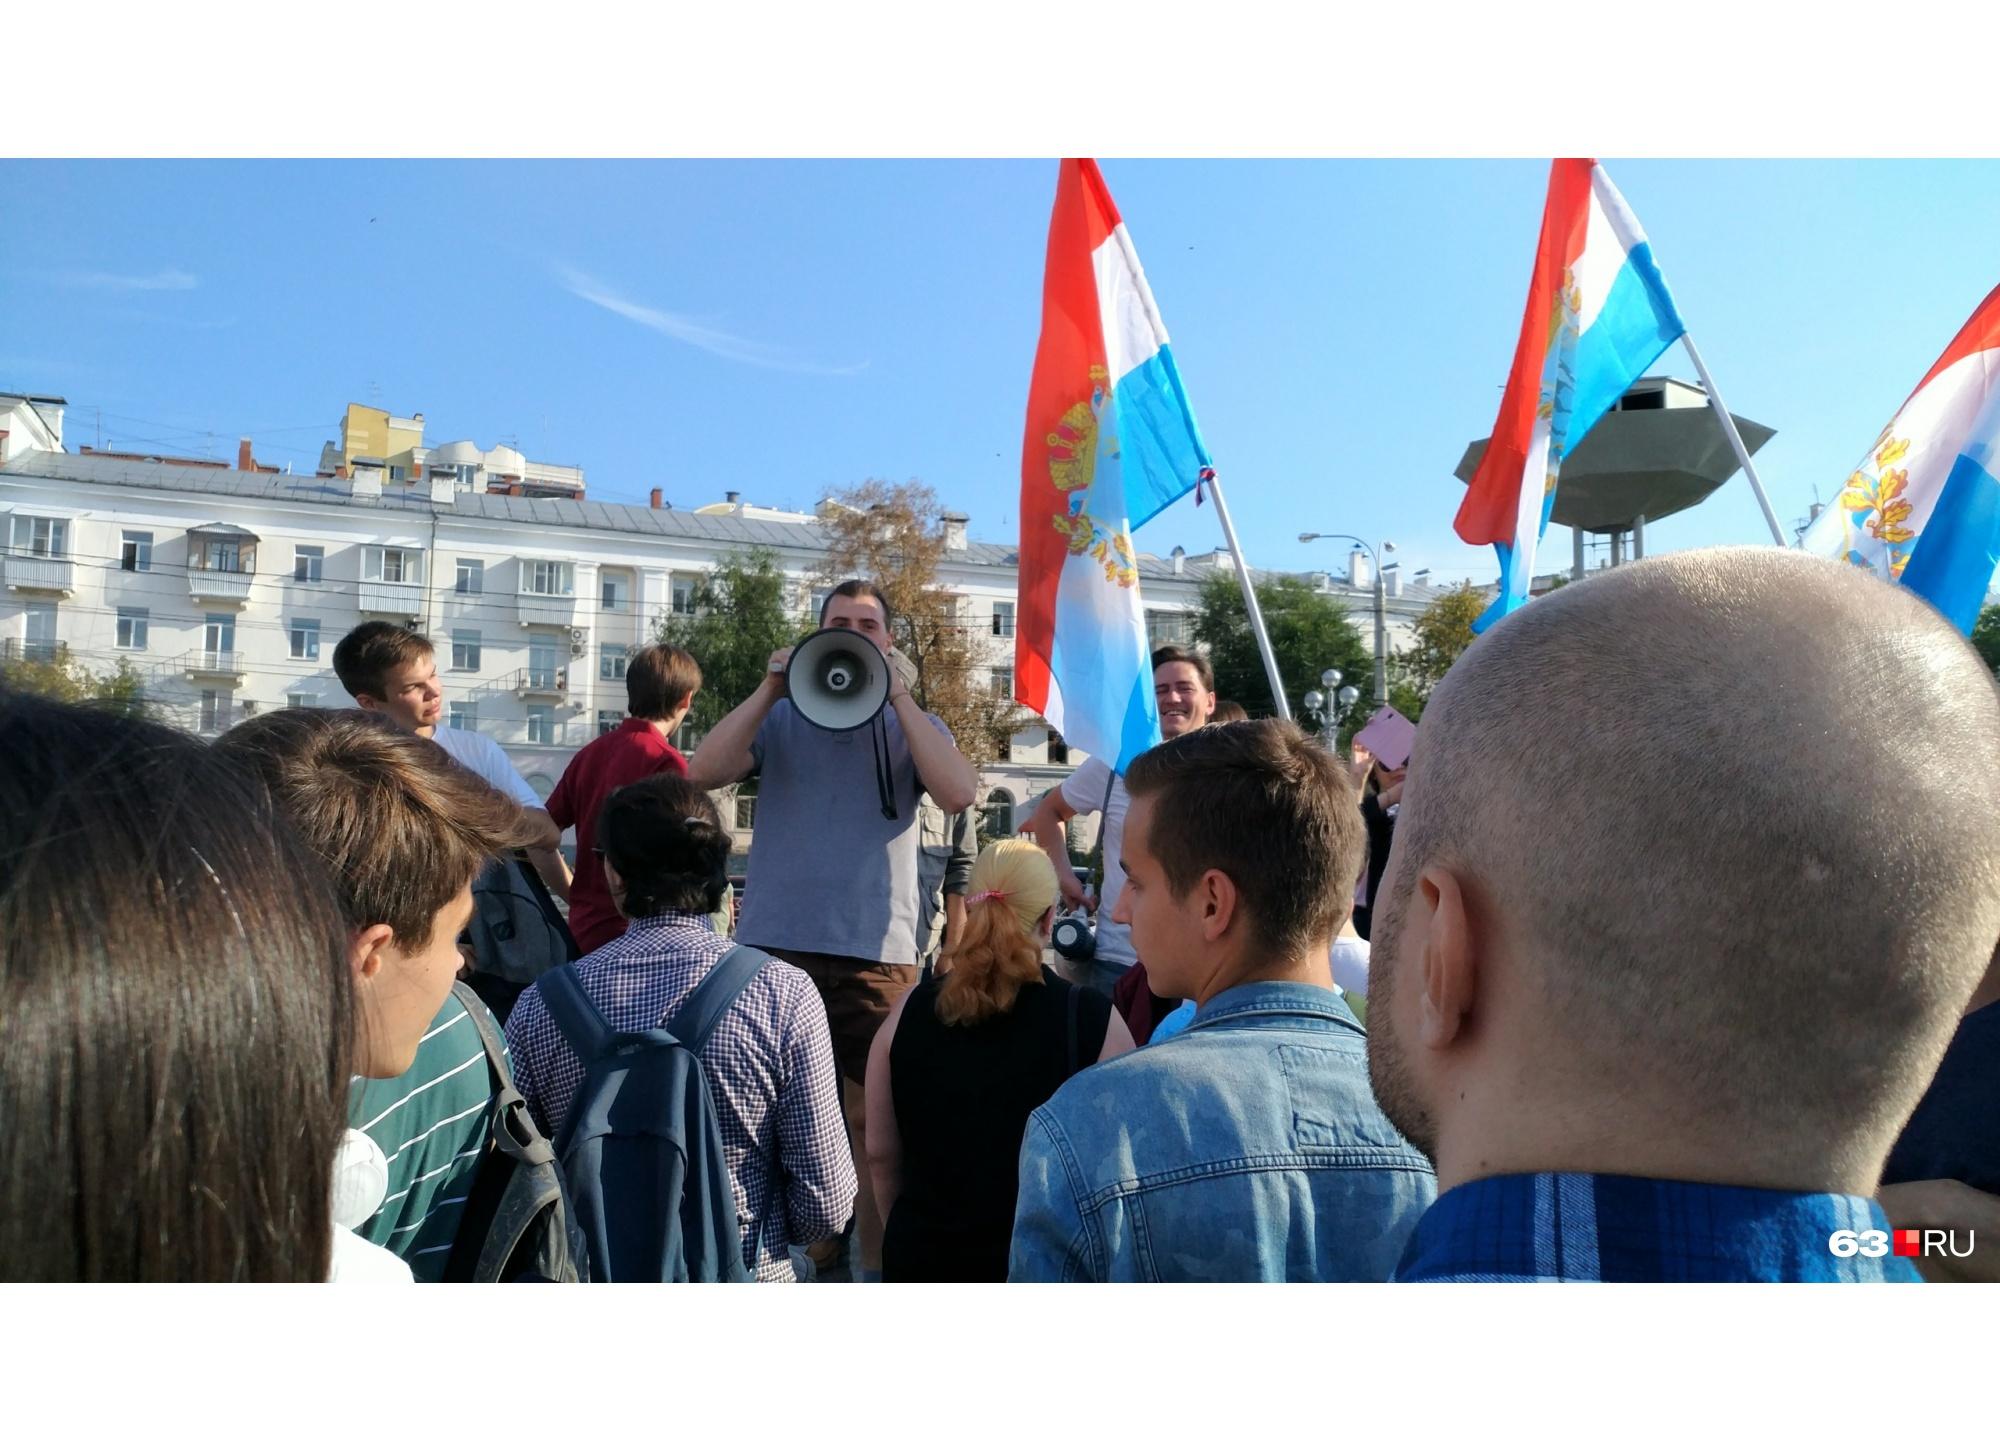 Лидеры шествия сообщили, что идут до площади Революции